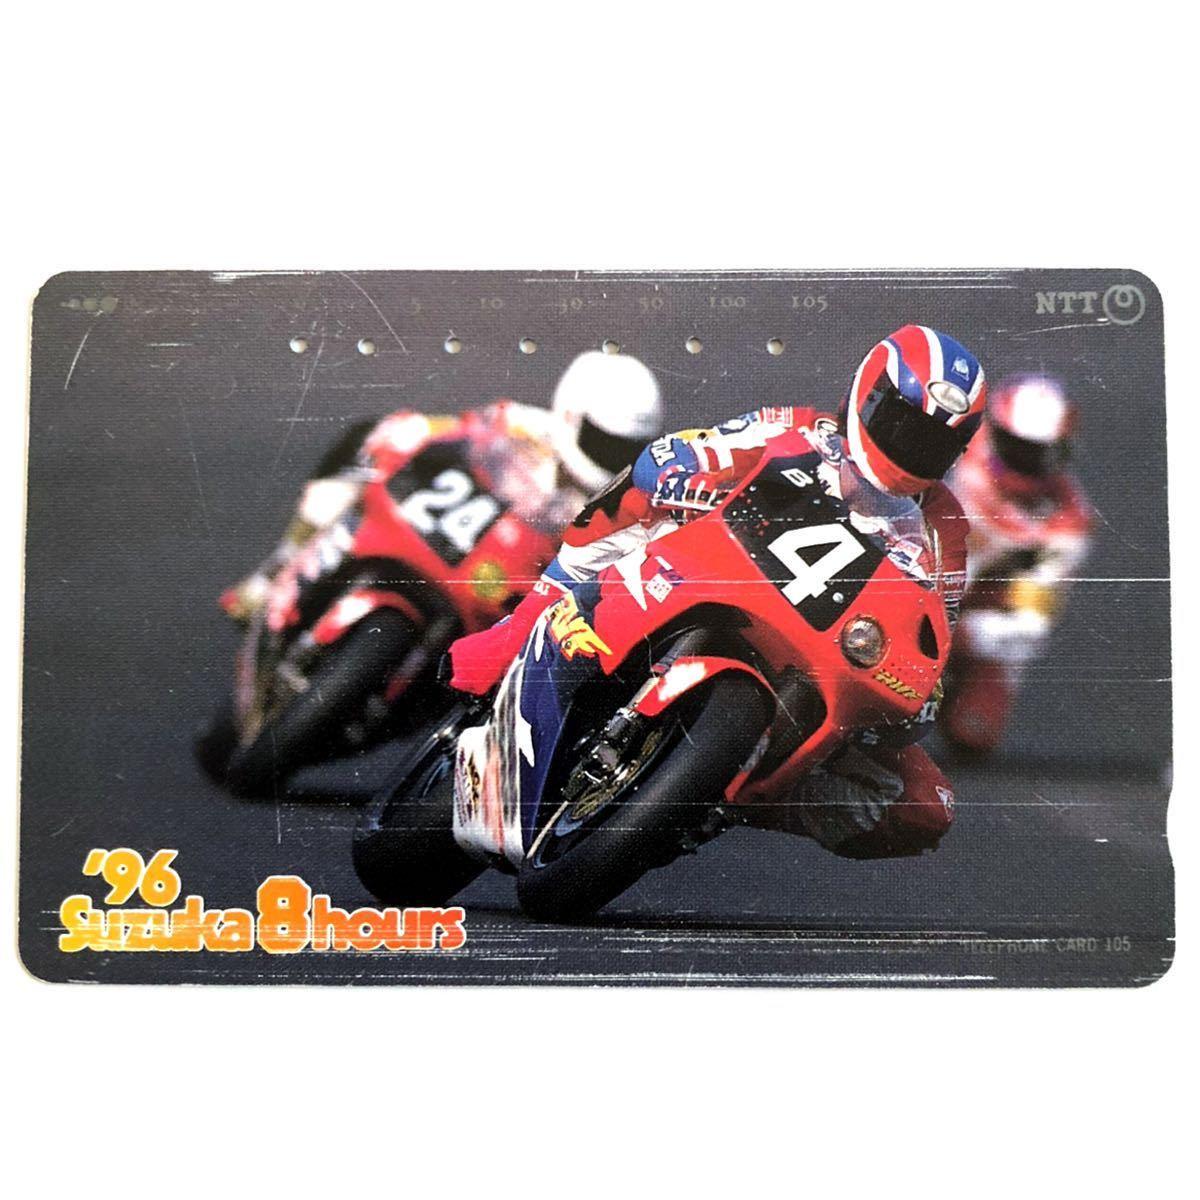 【使用済み・度数0・テレホンカード】 乗り物 『1996年 鈴鹿8時間耐久レース バイク』 1996年 同梱可 テレカ 8耐 Suzuka 8hours_画像1